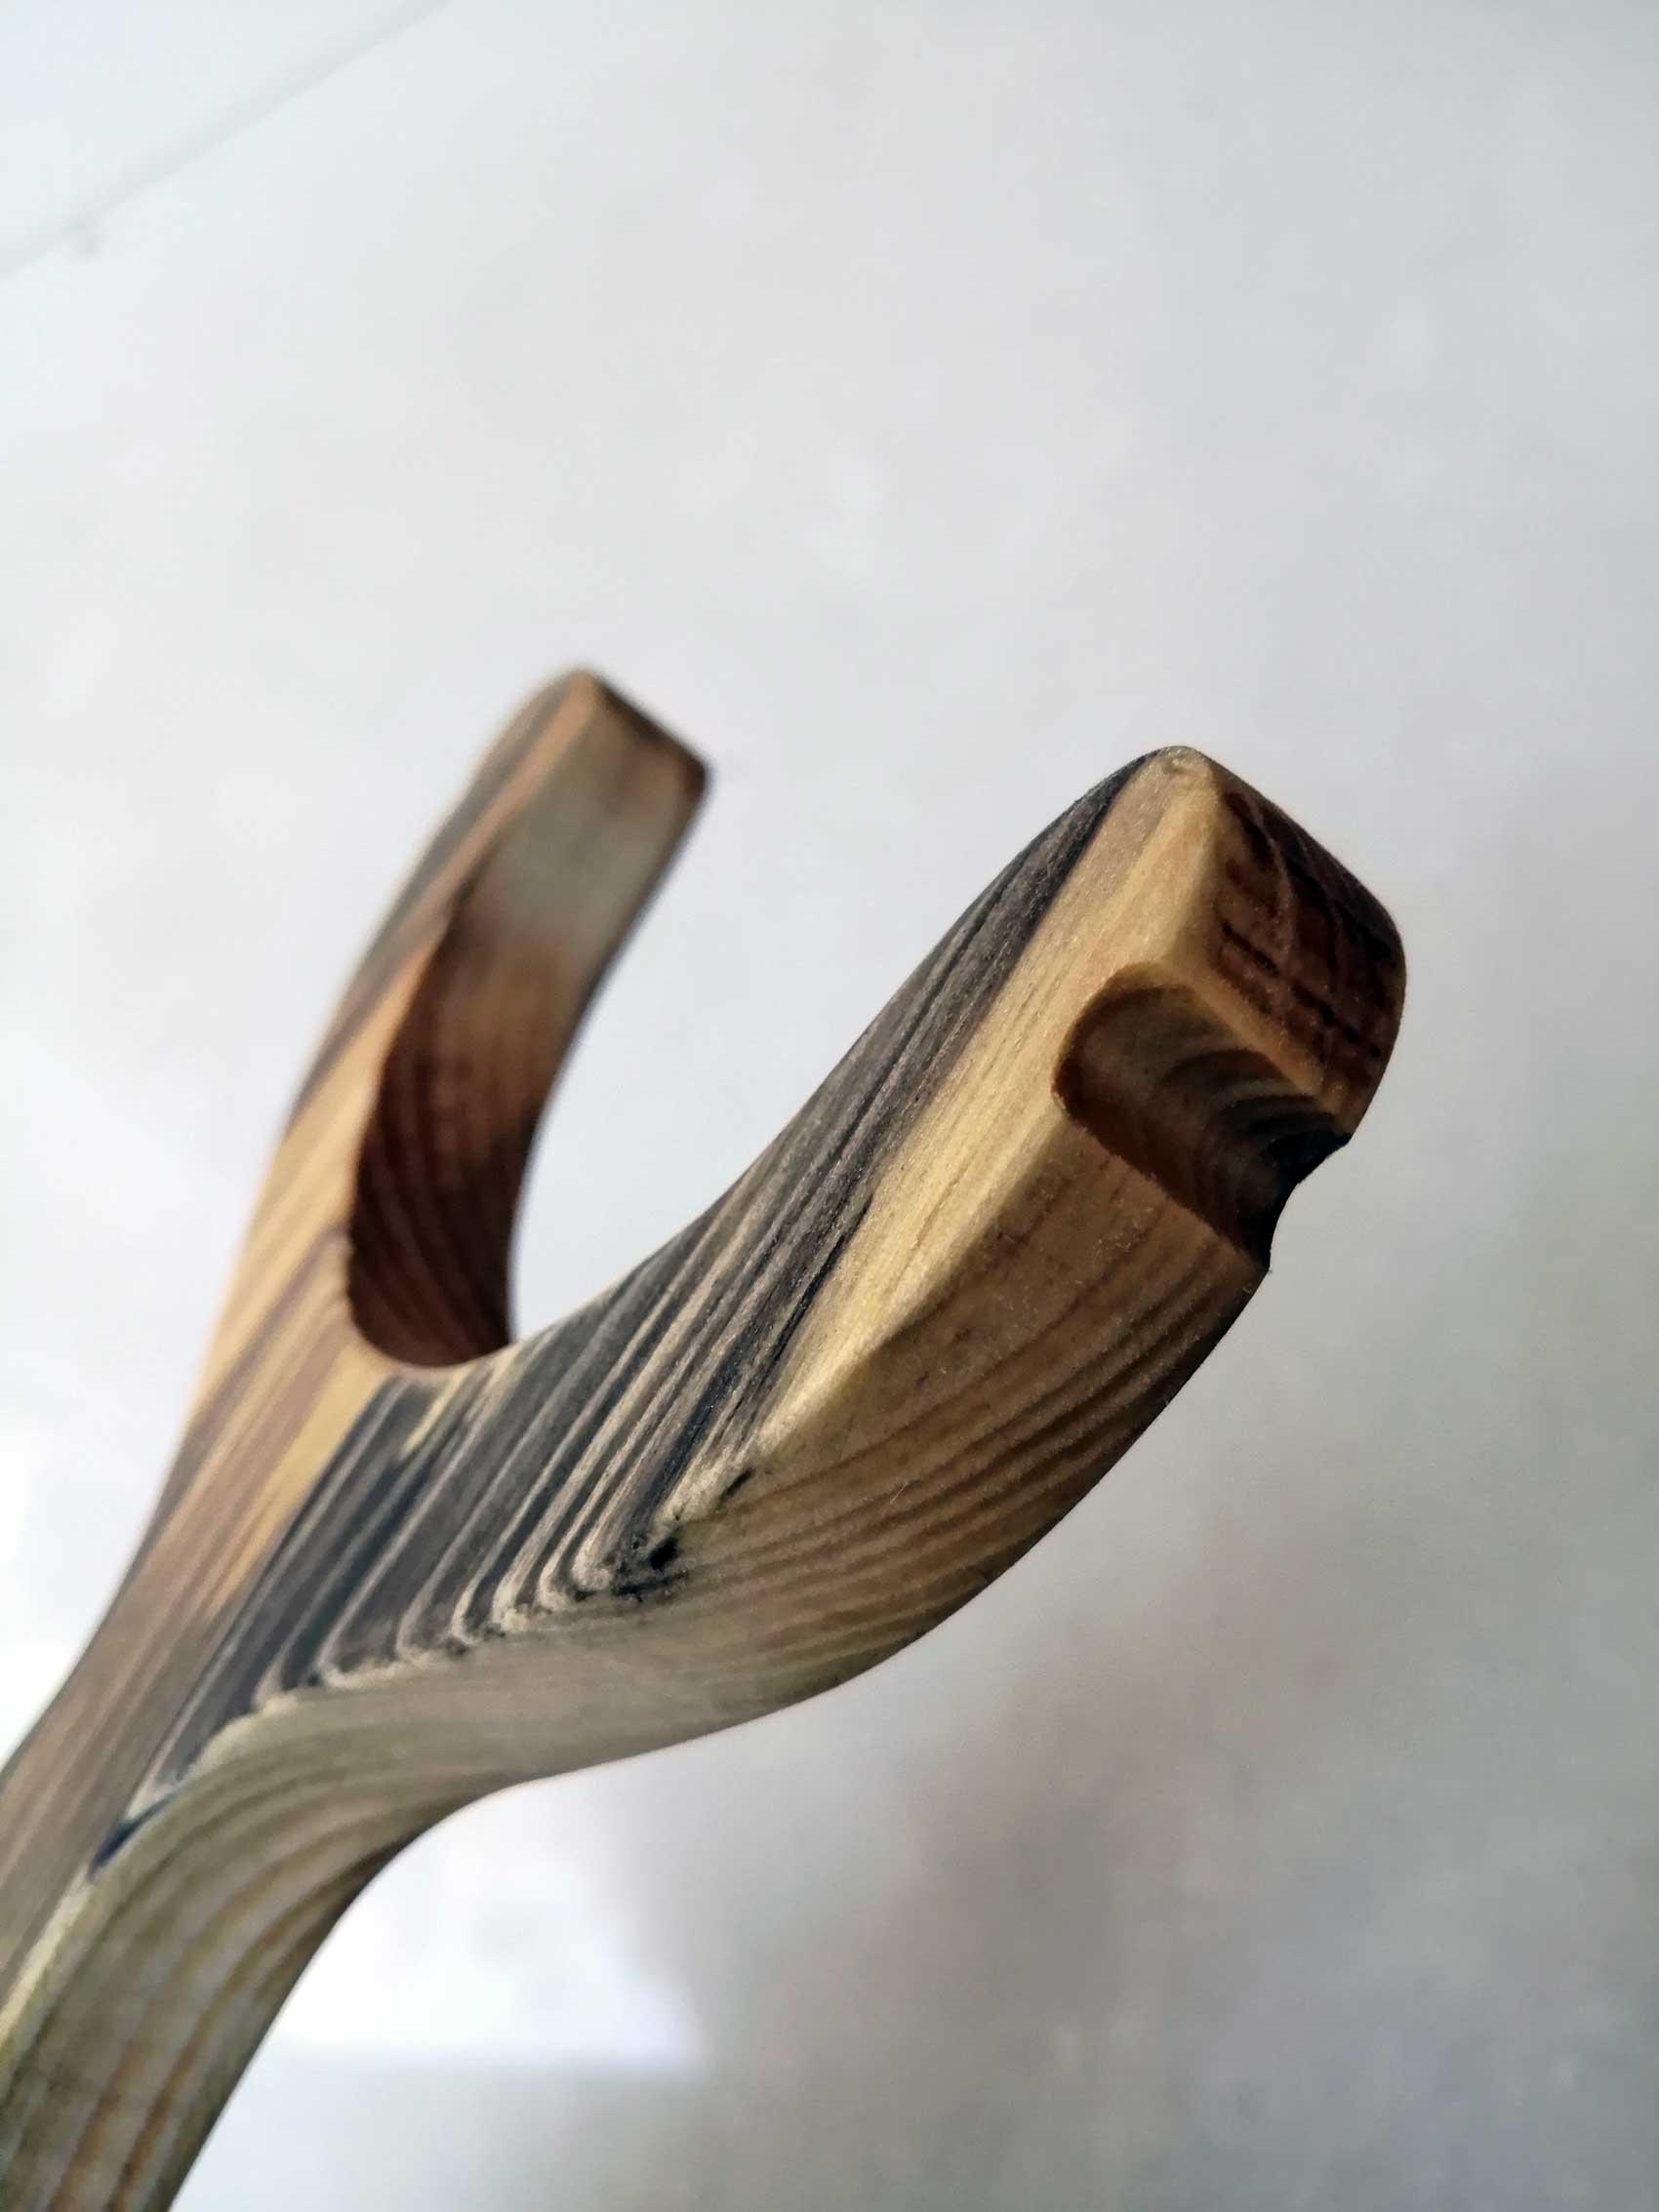 Wooden slingshot close up